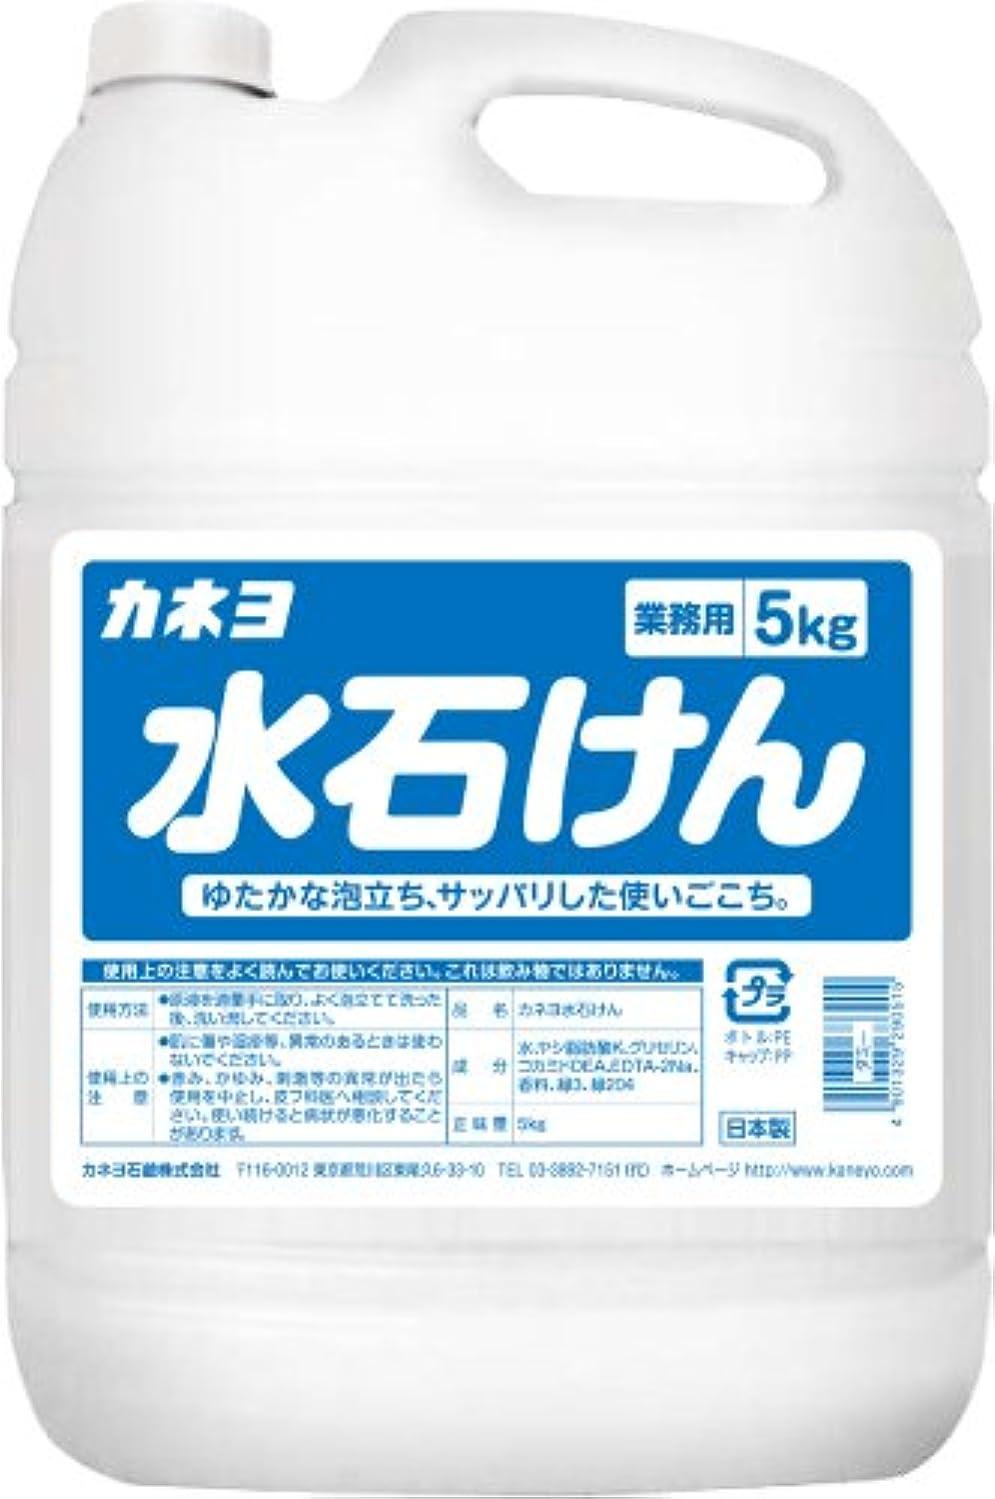 好みスペード認証【大容量】 カネヨ石鹸 ハンドソープ 水石けん 液体 業務用 5kg